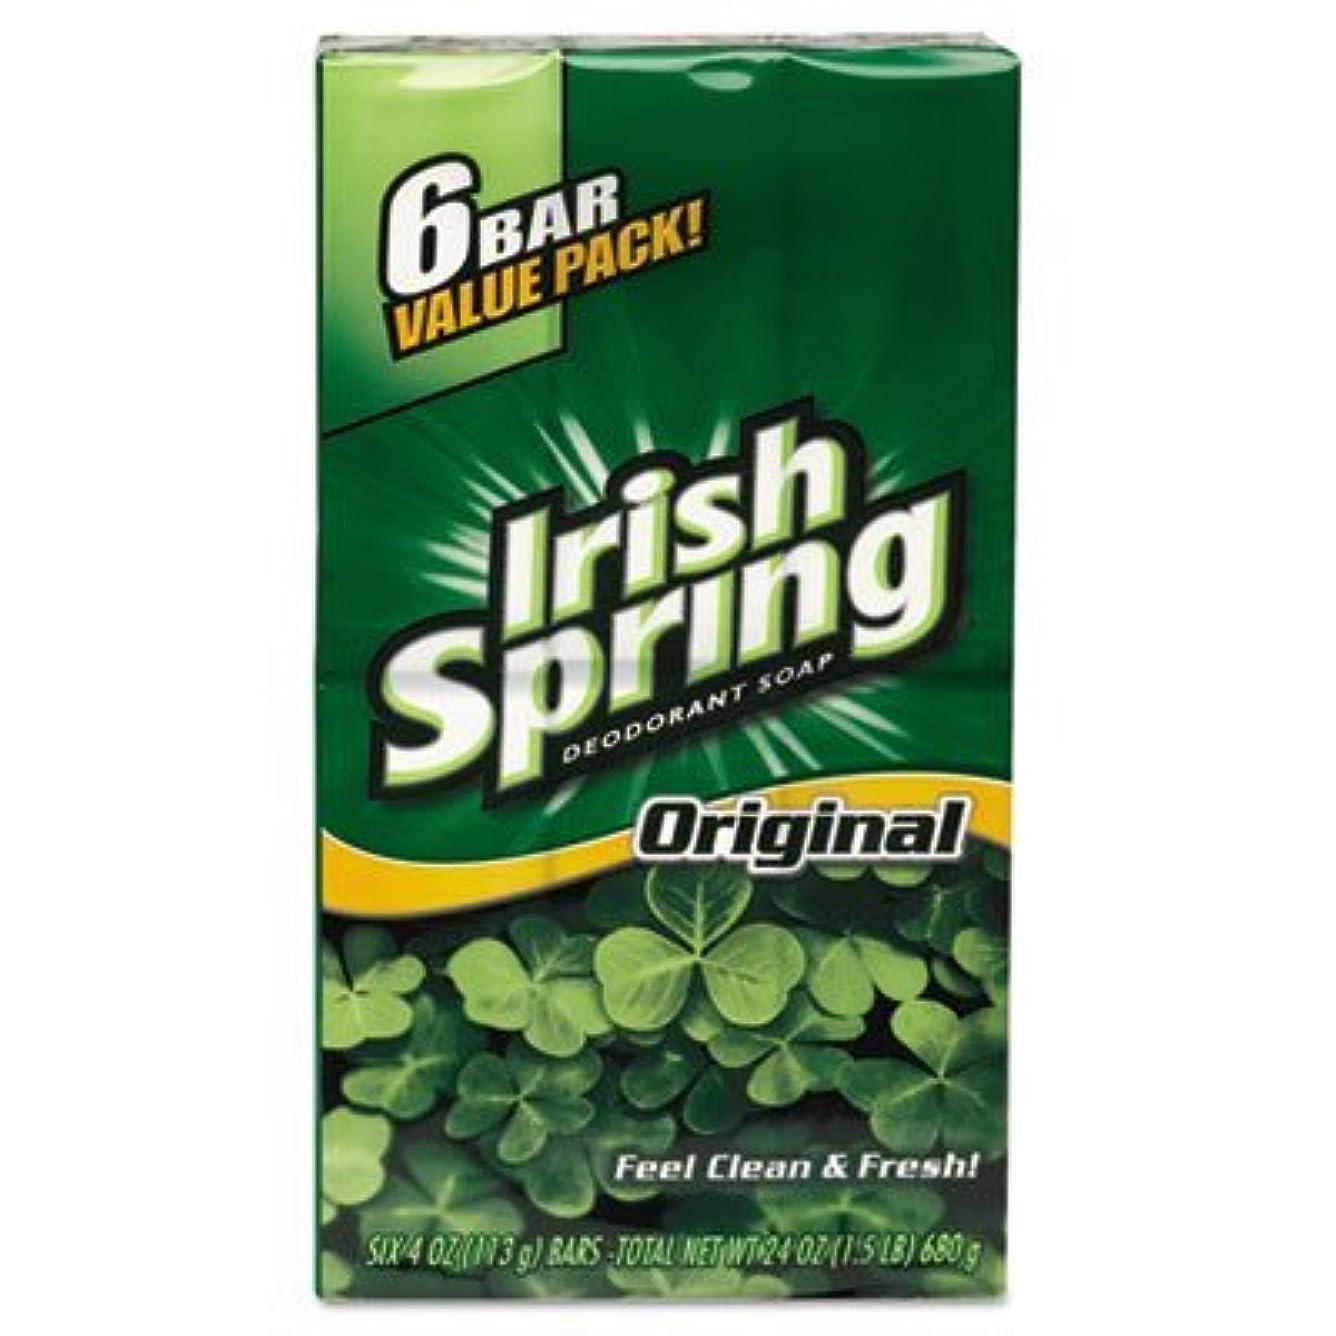 宇宙影響を受けやすいですみすぼらしいColgate アイルランドの春デオドラントソープ3.75Oz。 (6バール)